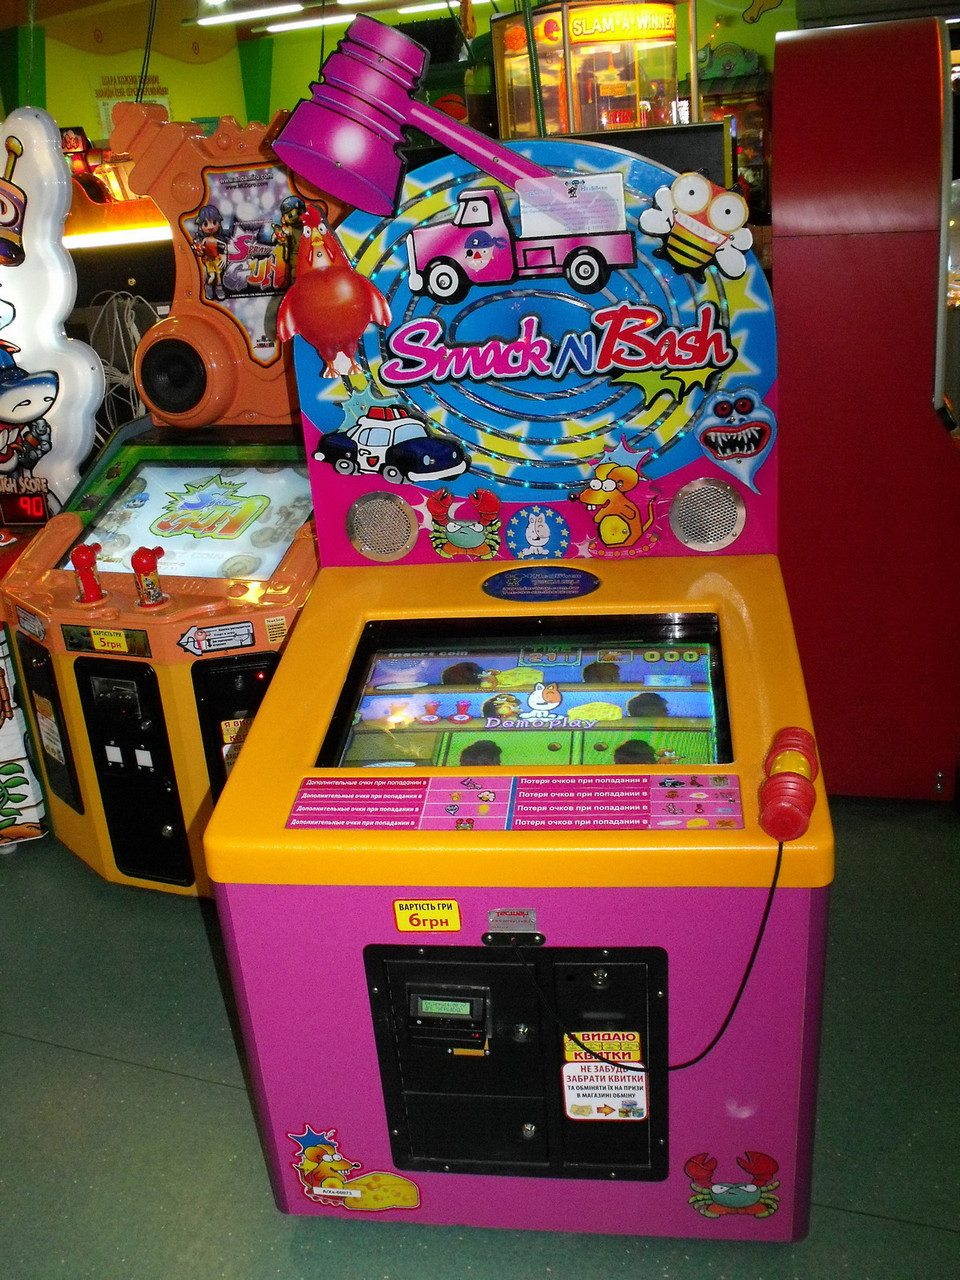 Кто продает автомат игровой как выиграть игровой автомат онлайн